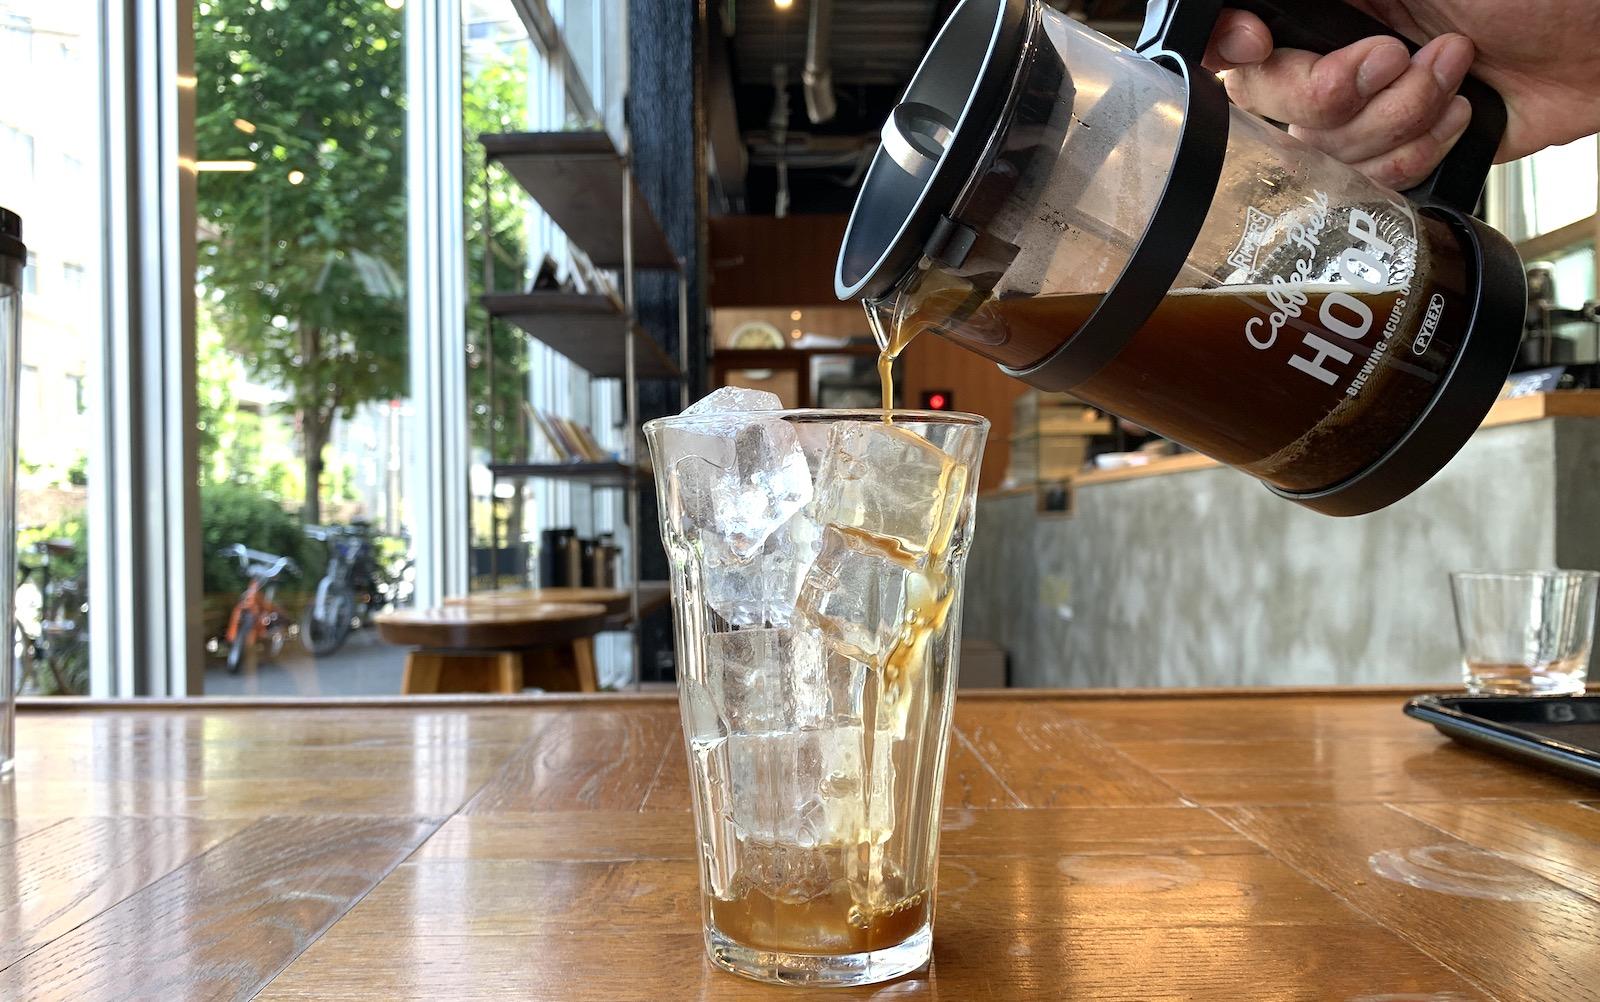 アイスコーヒー作り方2019